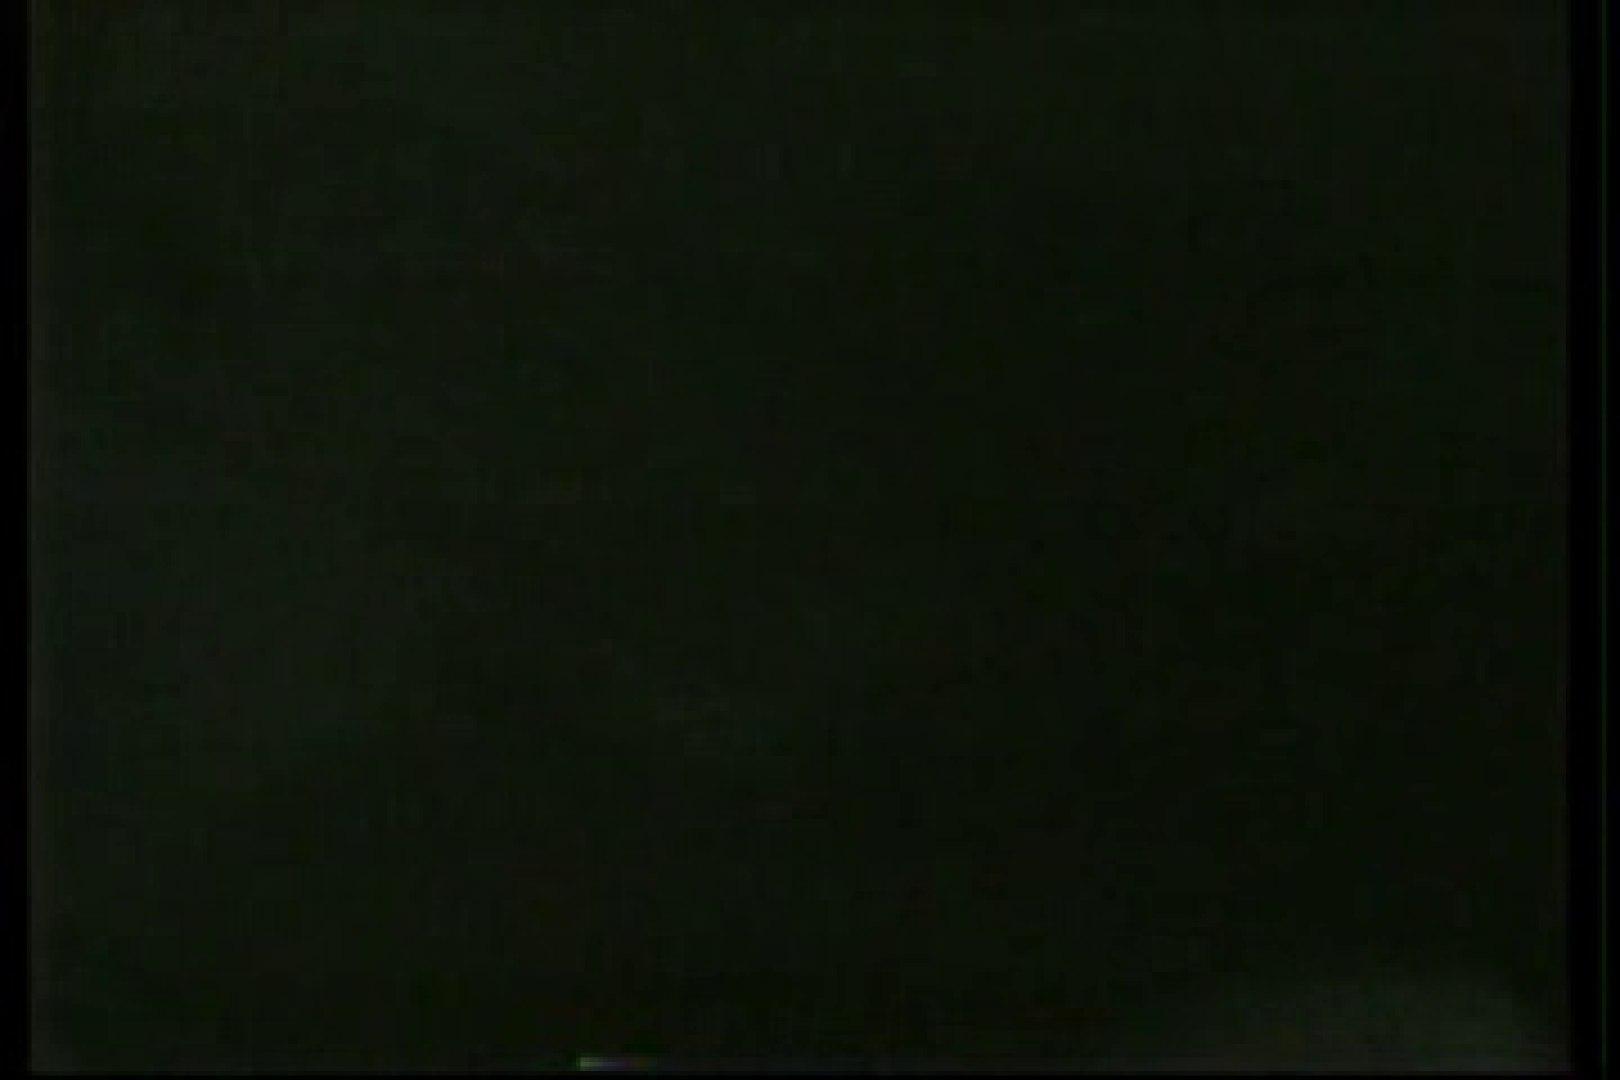 【実録個人撮影】男の子達の禁断の愛欲性活!!vol.02(対女性アナル責め) 責め ゲイAV画像 59pic 19